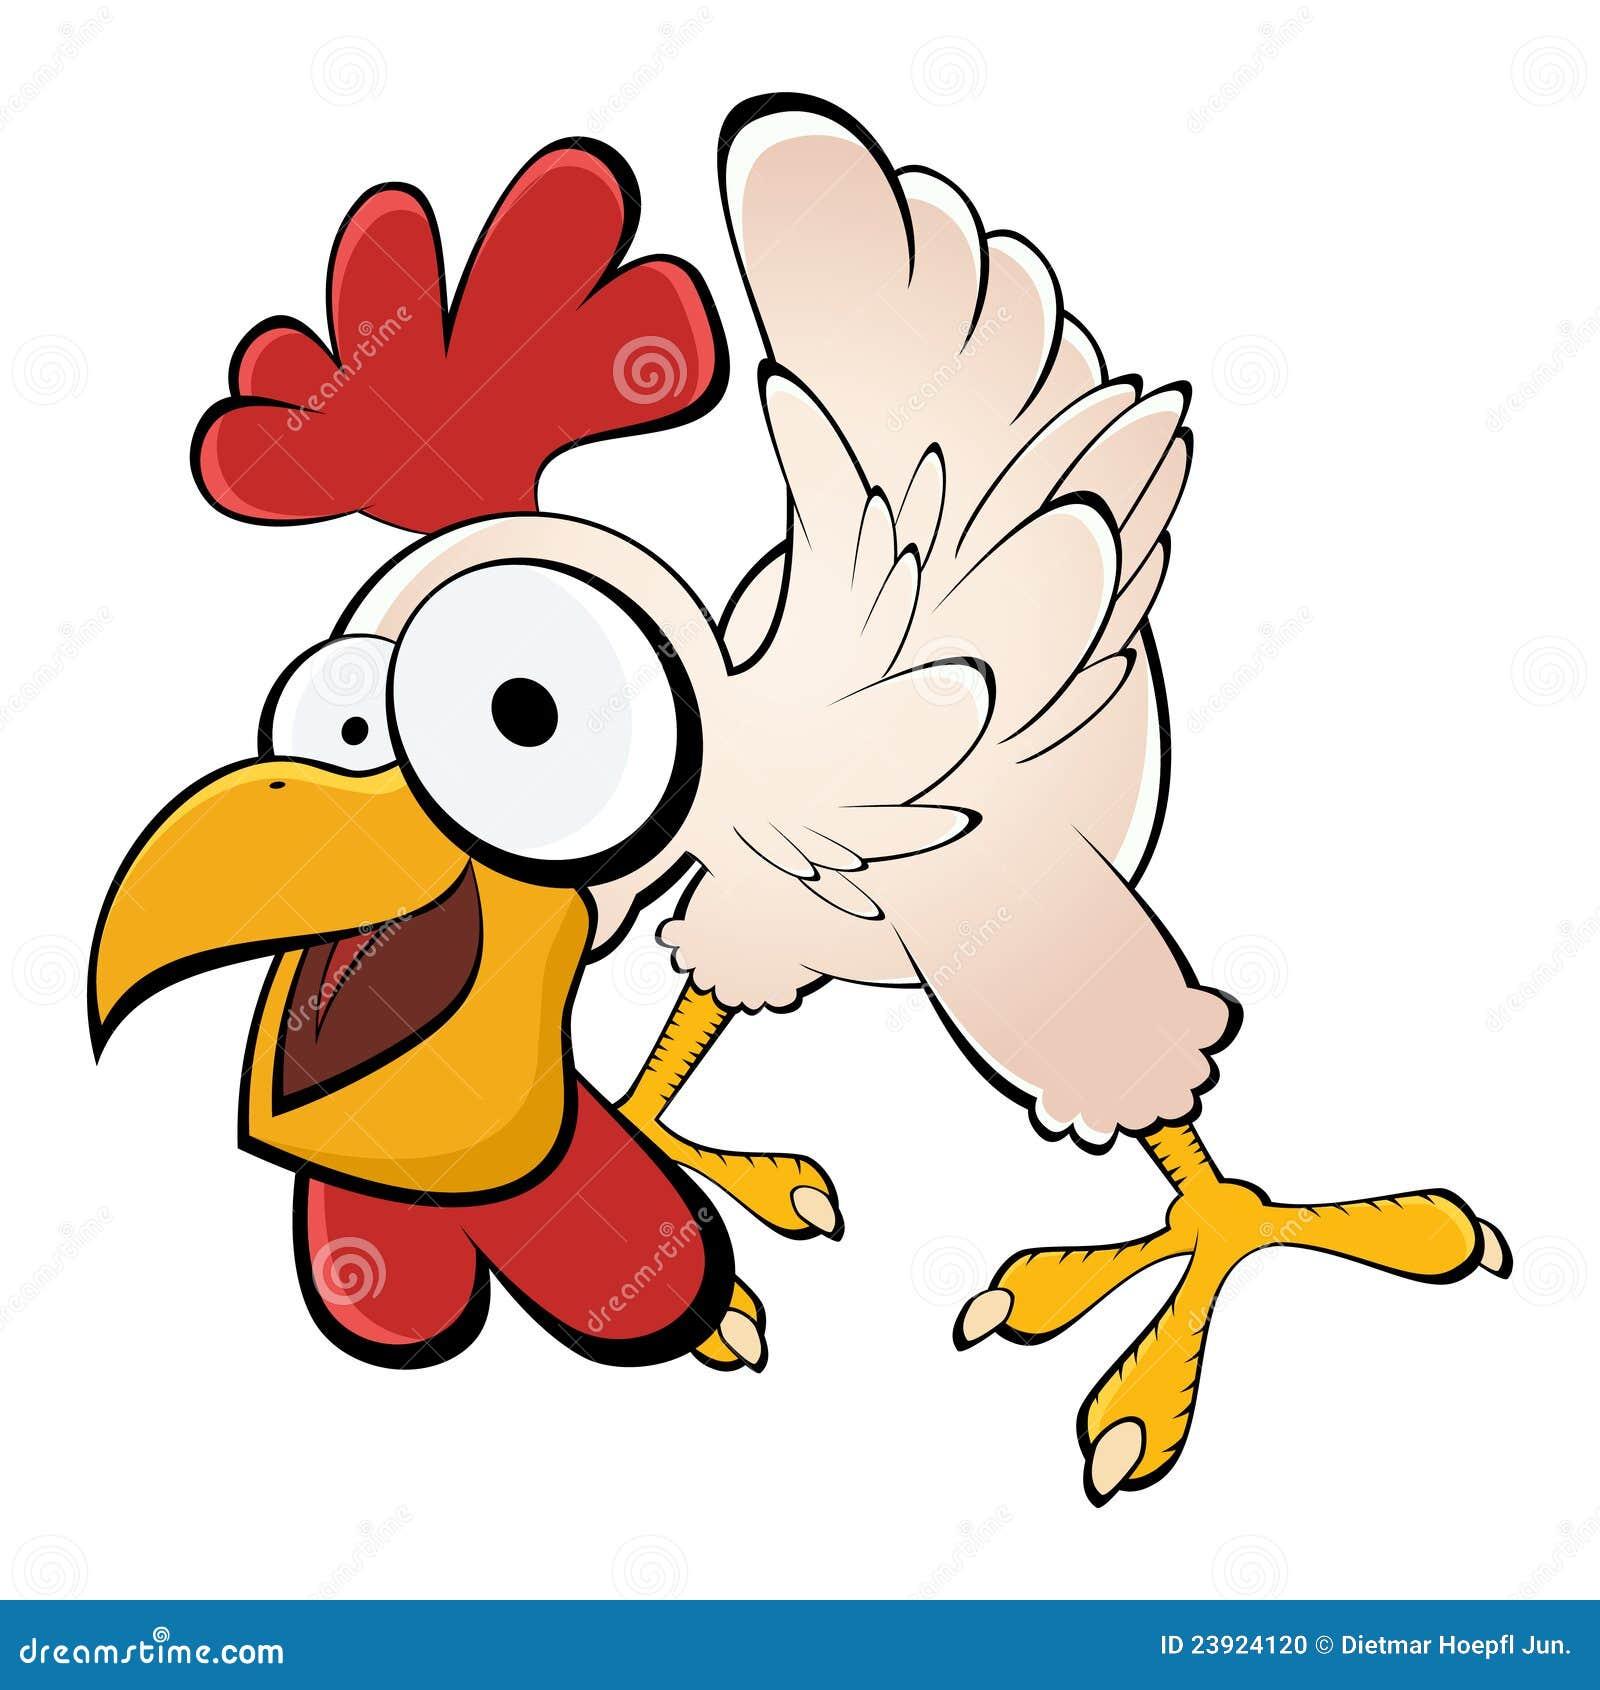 Funny animated gif gif anim dr le gratuit - Dessin de poulet ...